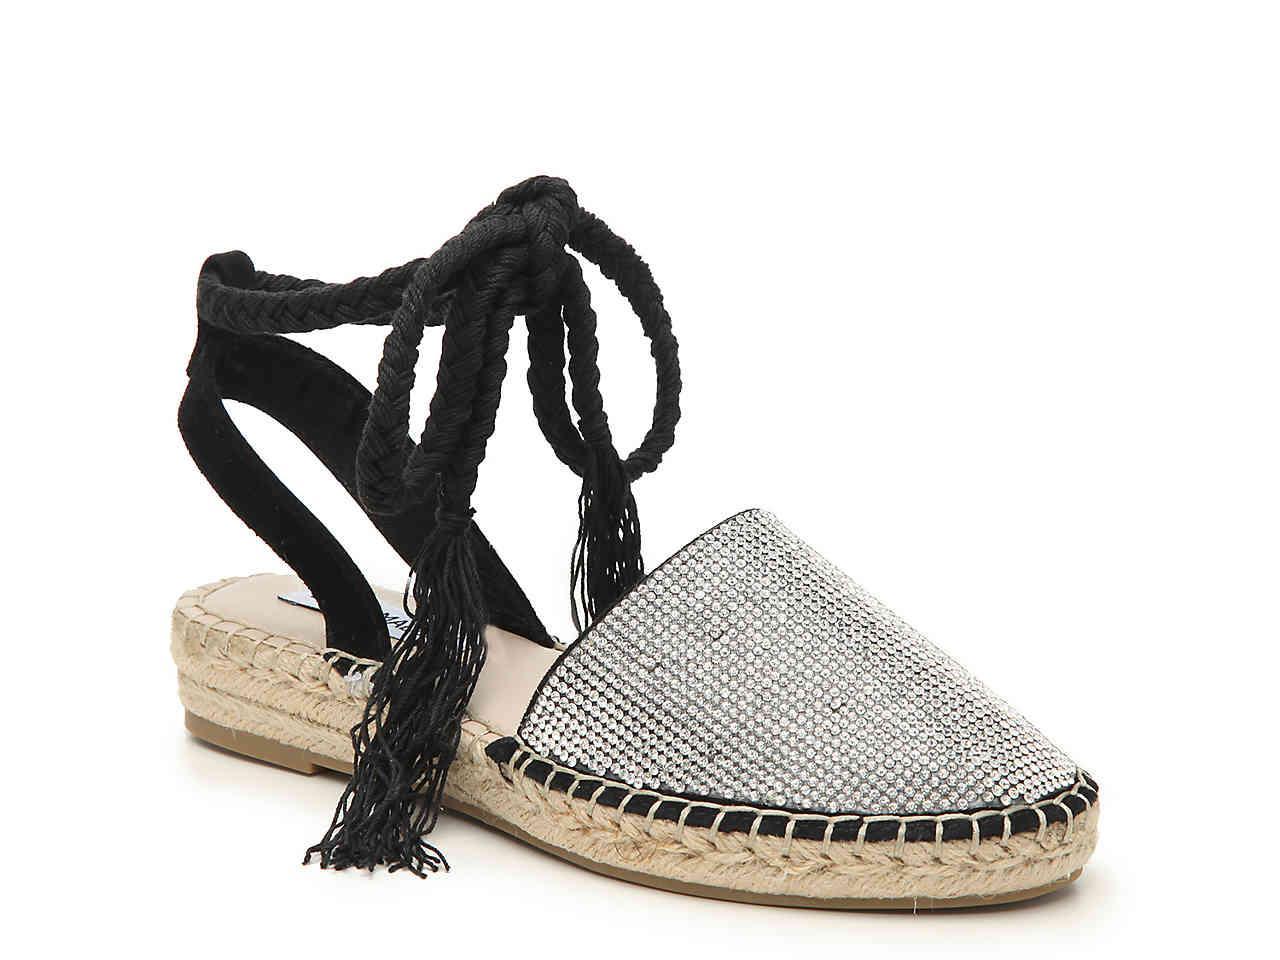 917896e76f2 Lyst - Steve Madden Mesa Espadrille Sandal in Black